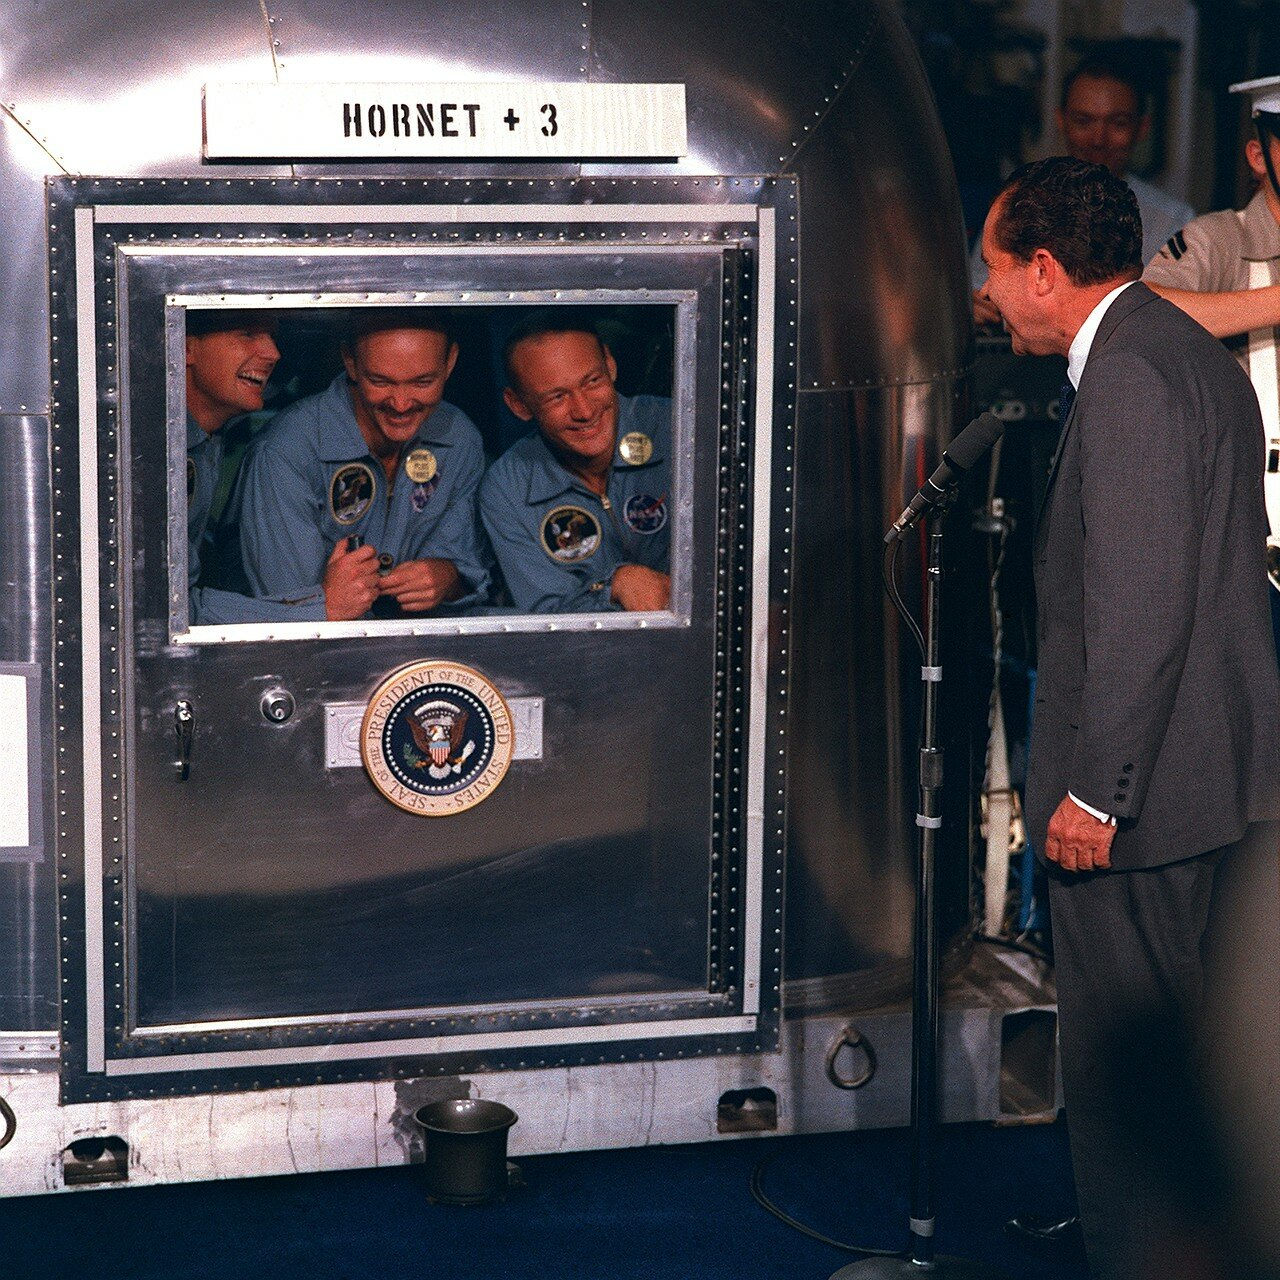 Никсон приветствовал астронавтов через стекло двери карантинного фургона. На снимке: Президент Никсон посетил астронавтов во время их пребывания в карантине